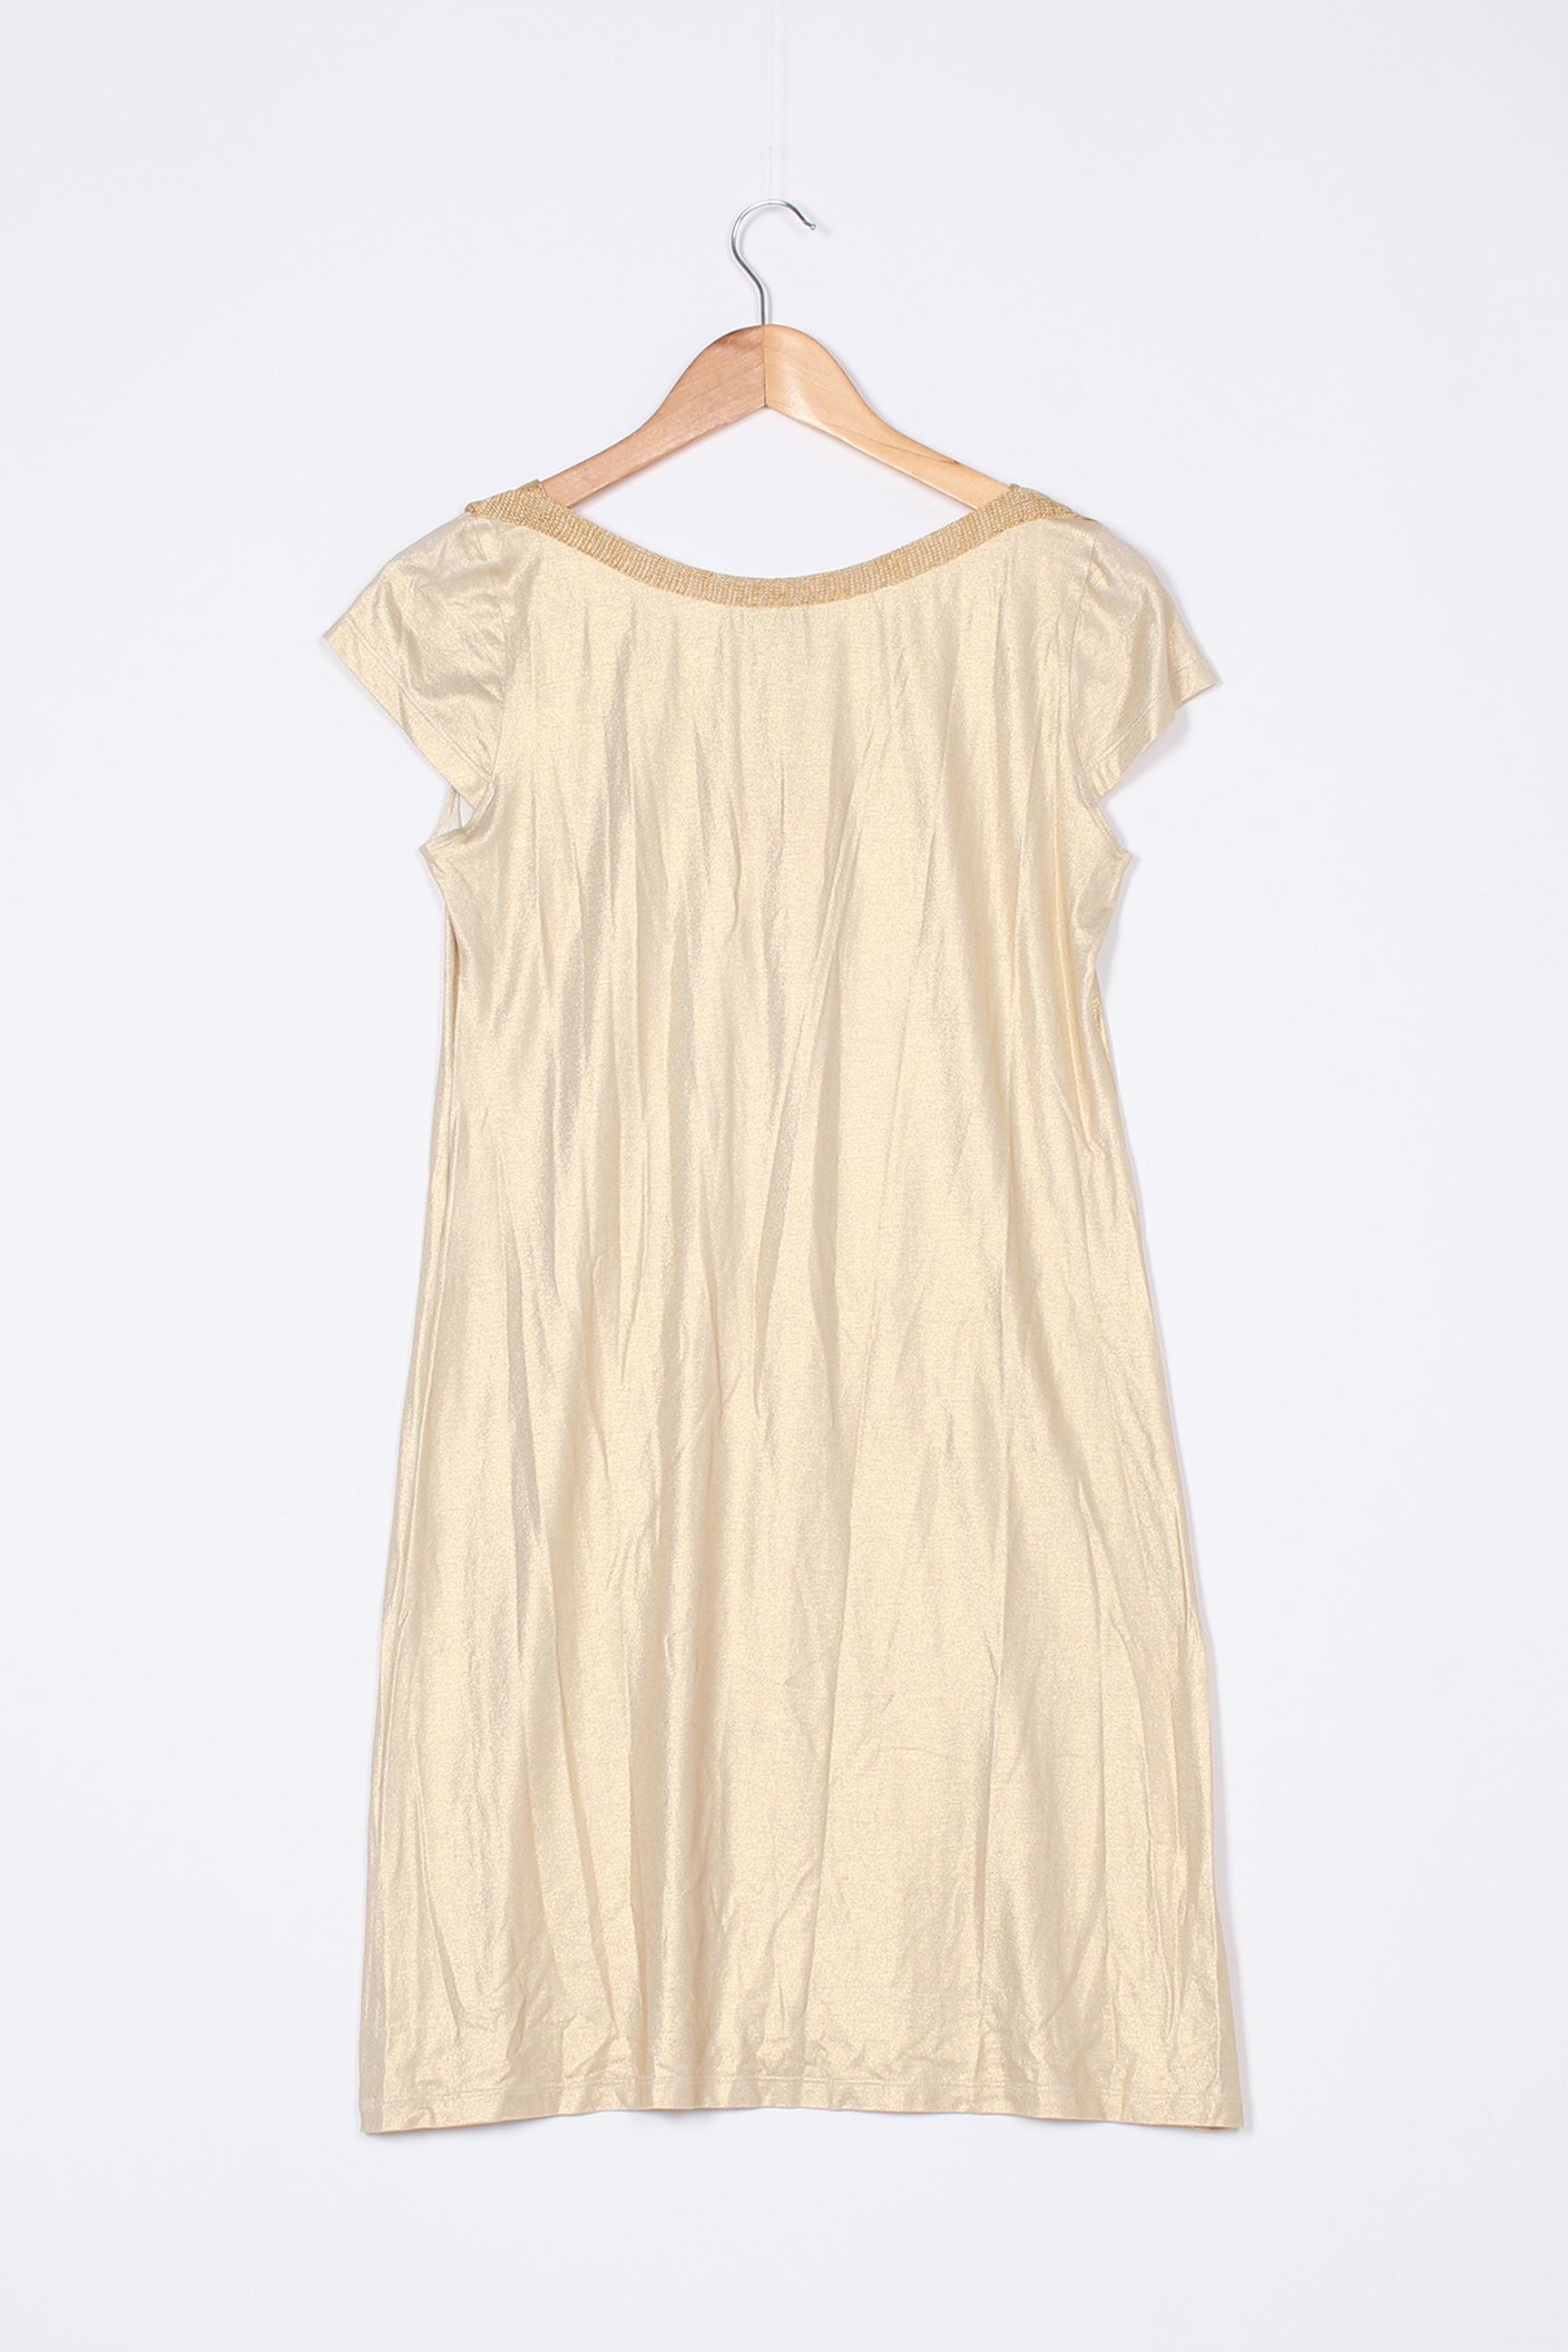 Lo Les Filles Robes Mi Longues Femme De Couleur Beige En Soldes Pas Cher 1397267-beige0